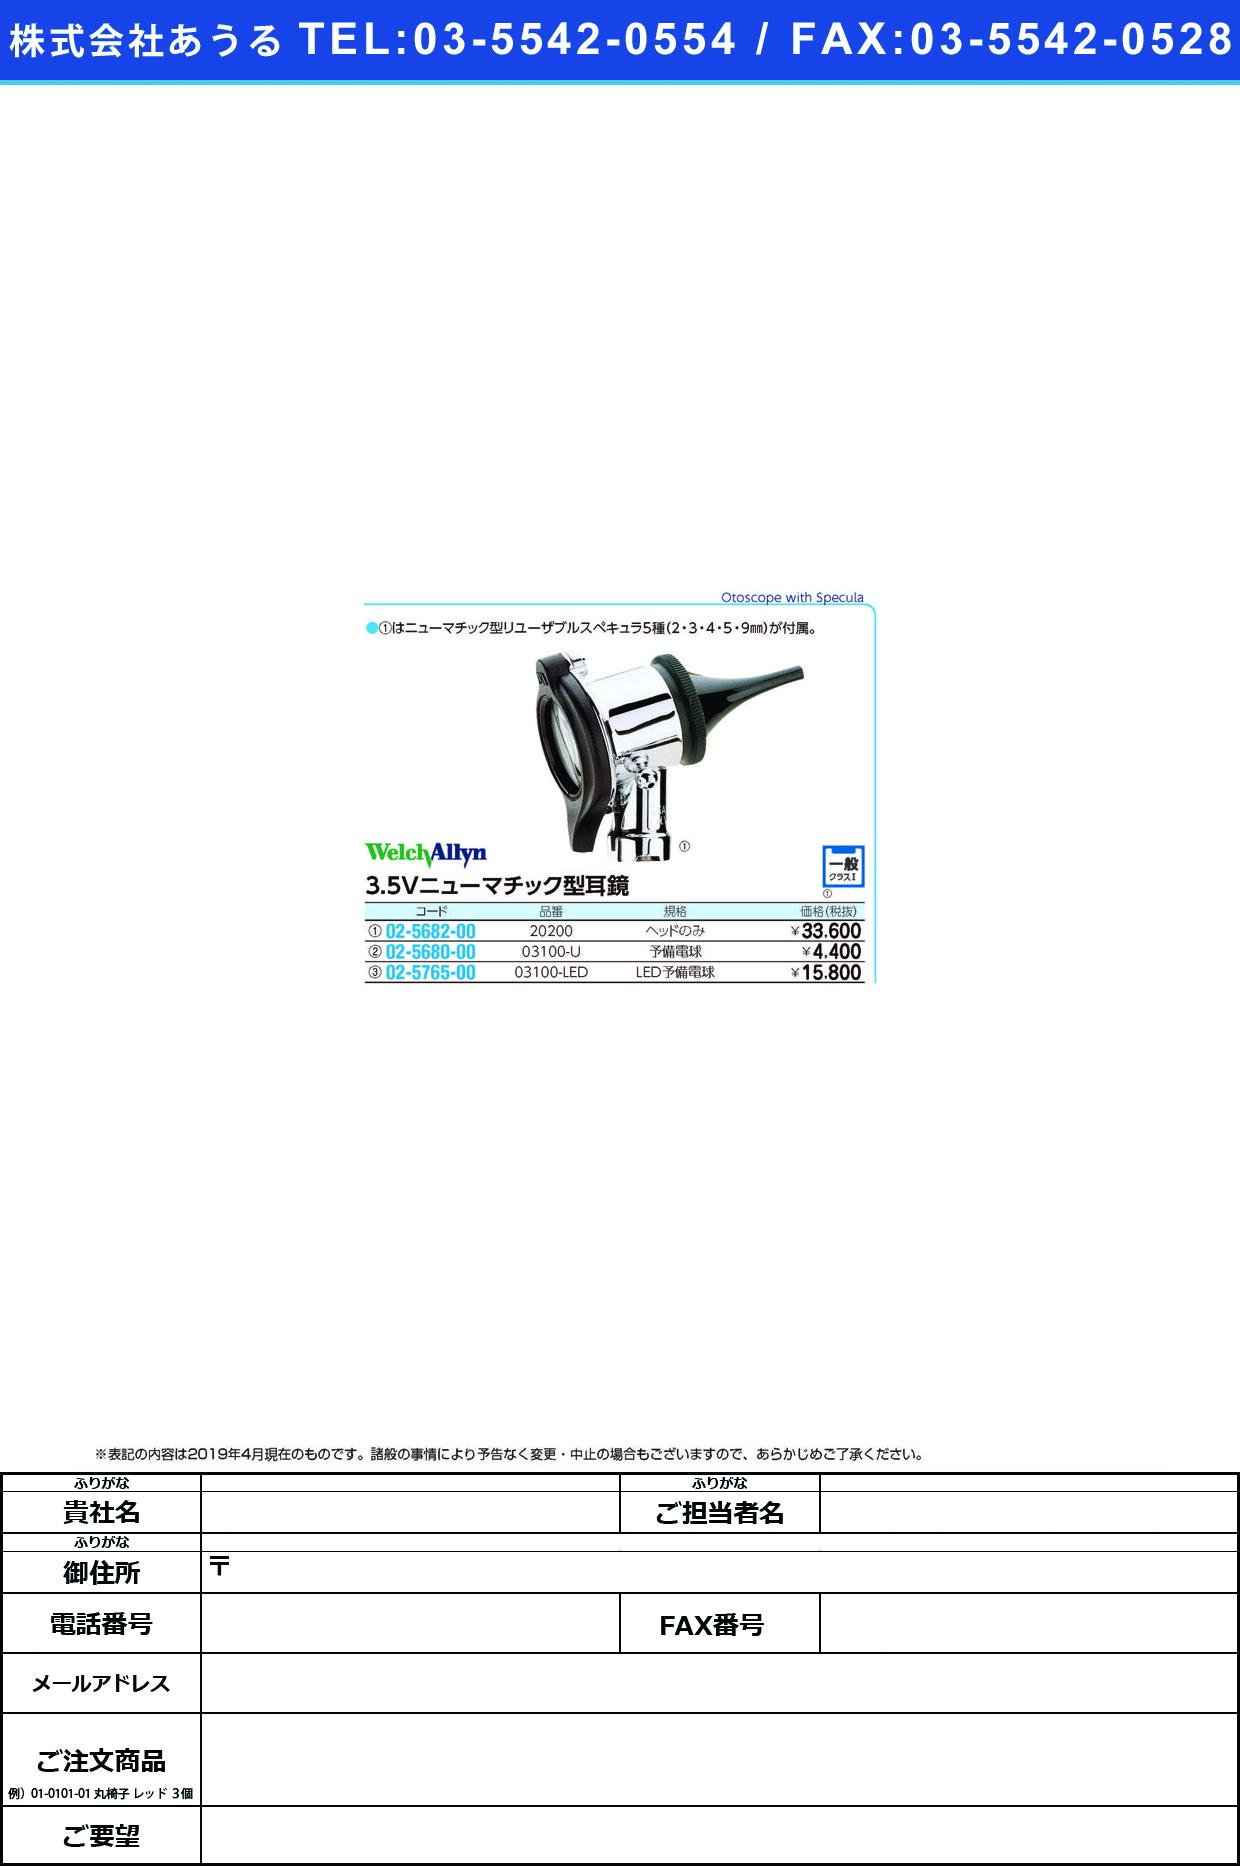 (02-5682-00)3.5Vニューマチック型耳鏡ヘッド 20200 3.5Vニューマチックジキョウヘッド【1個単位】【2019年カタログ商品】